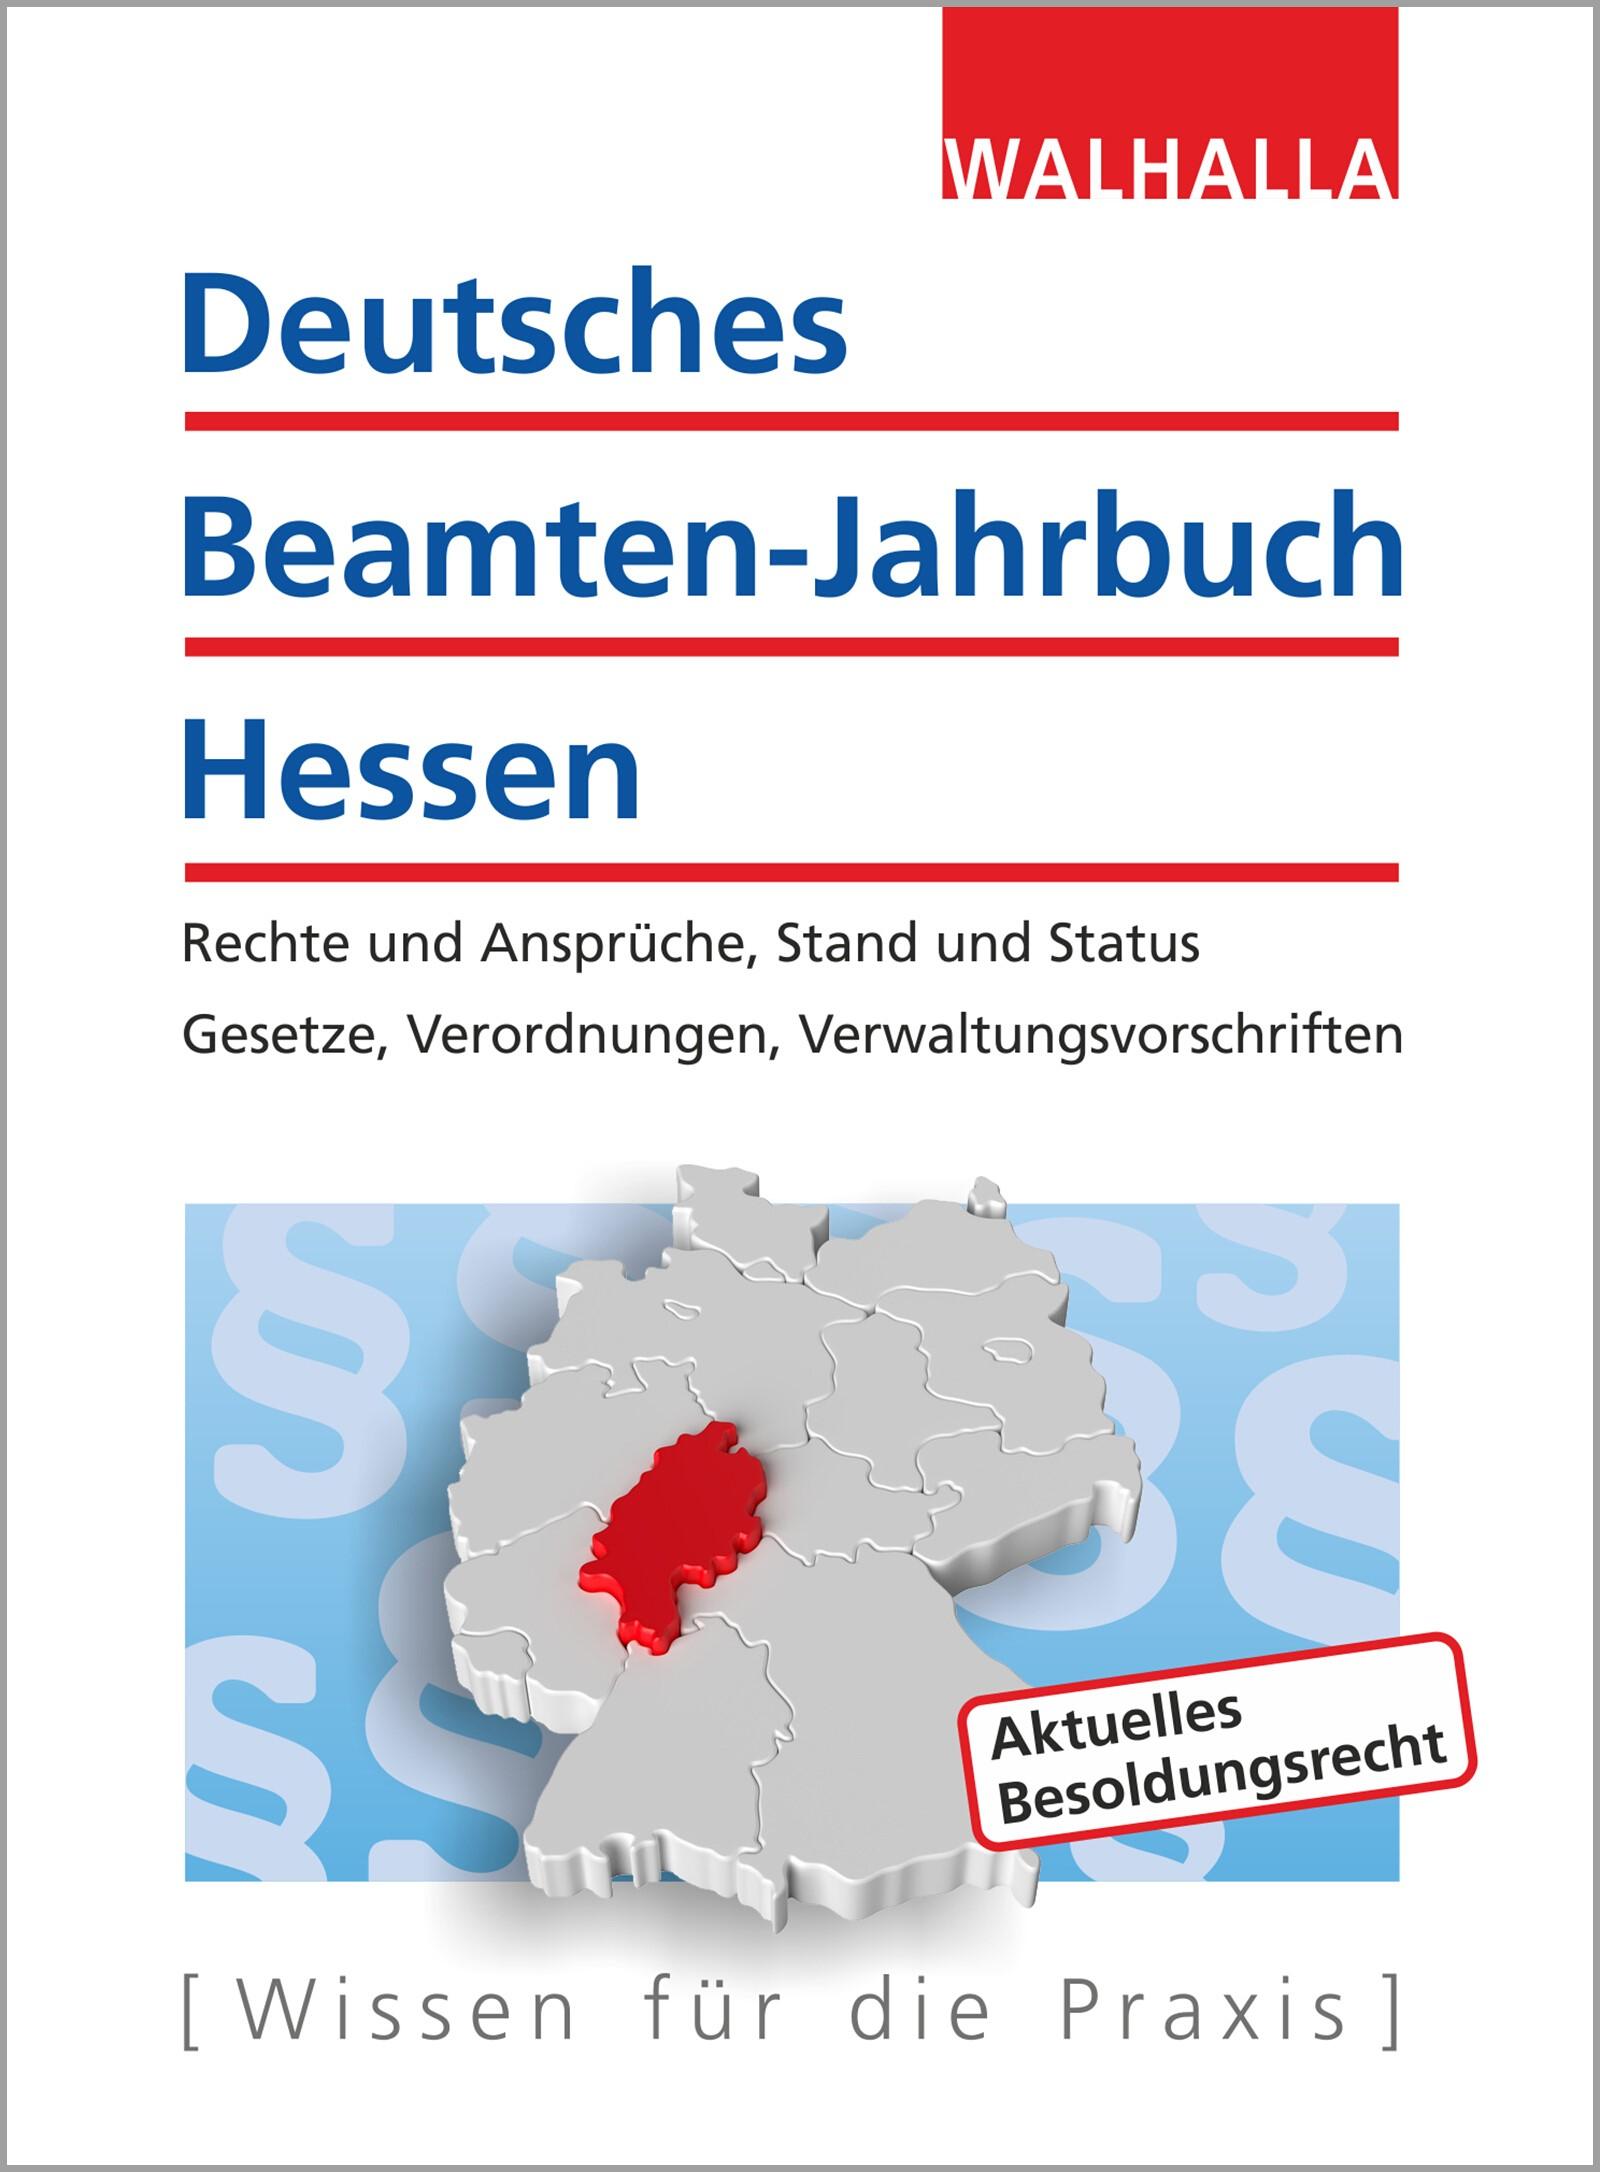 Deutsches Beamten-Jahrbuch Hessen Jahresband 2017 | Walhalla Fachredaktion | 9. Auflage, 2017 | Buch (Cover)